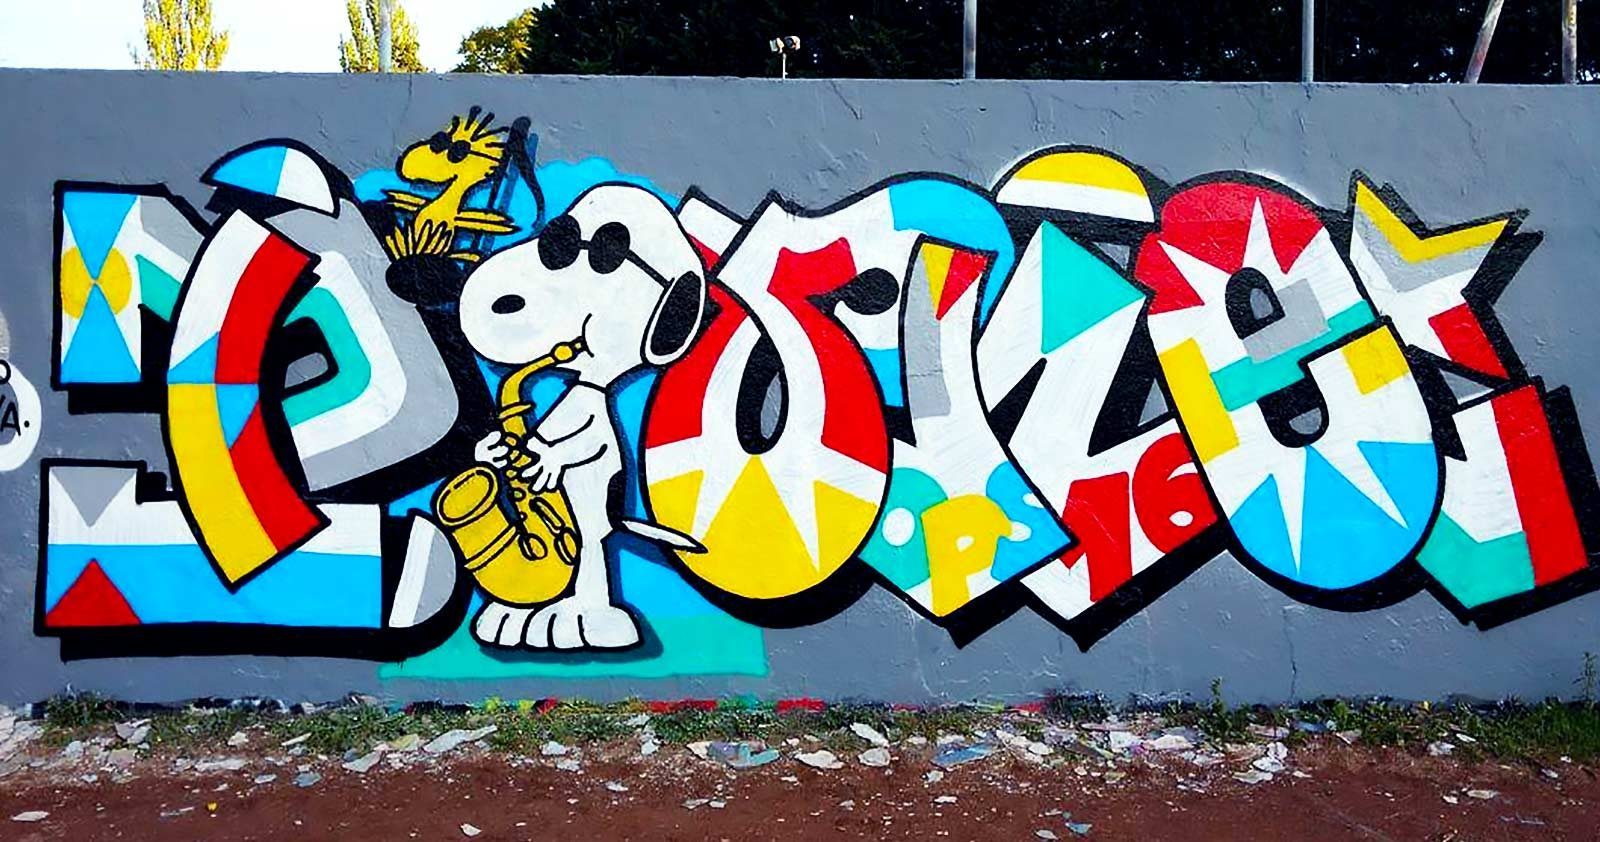 Quand Snoopy et son gang se mettent au graffiti